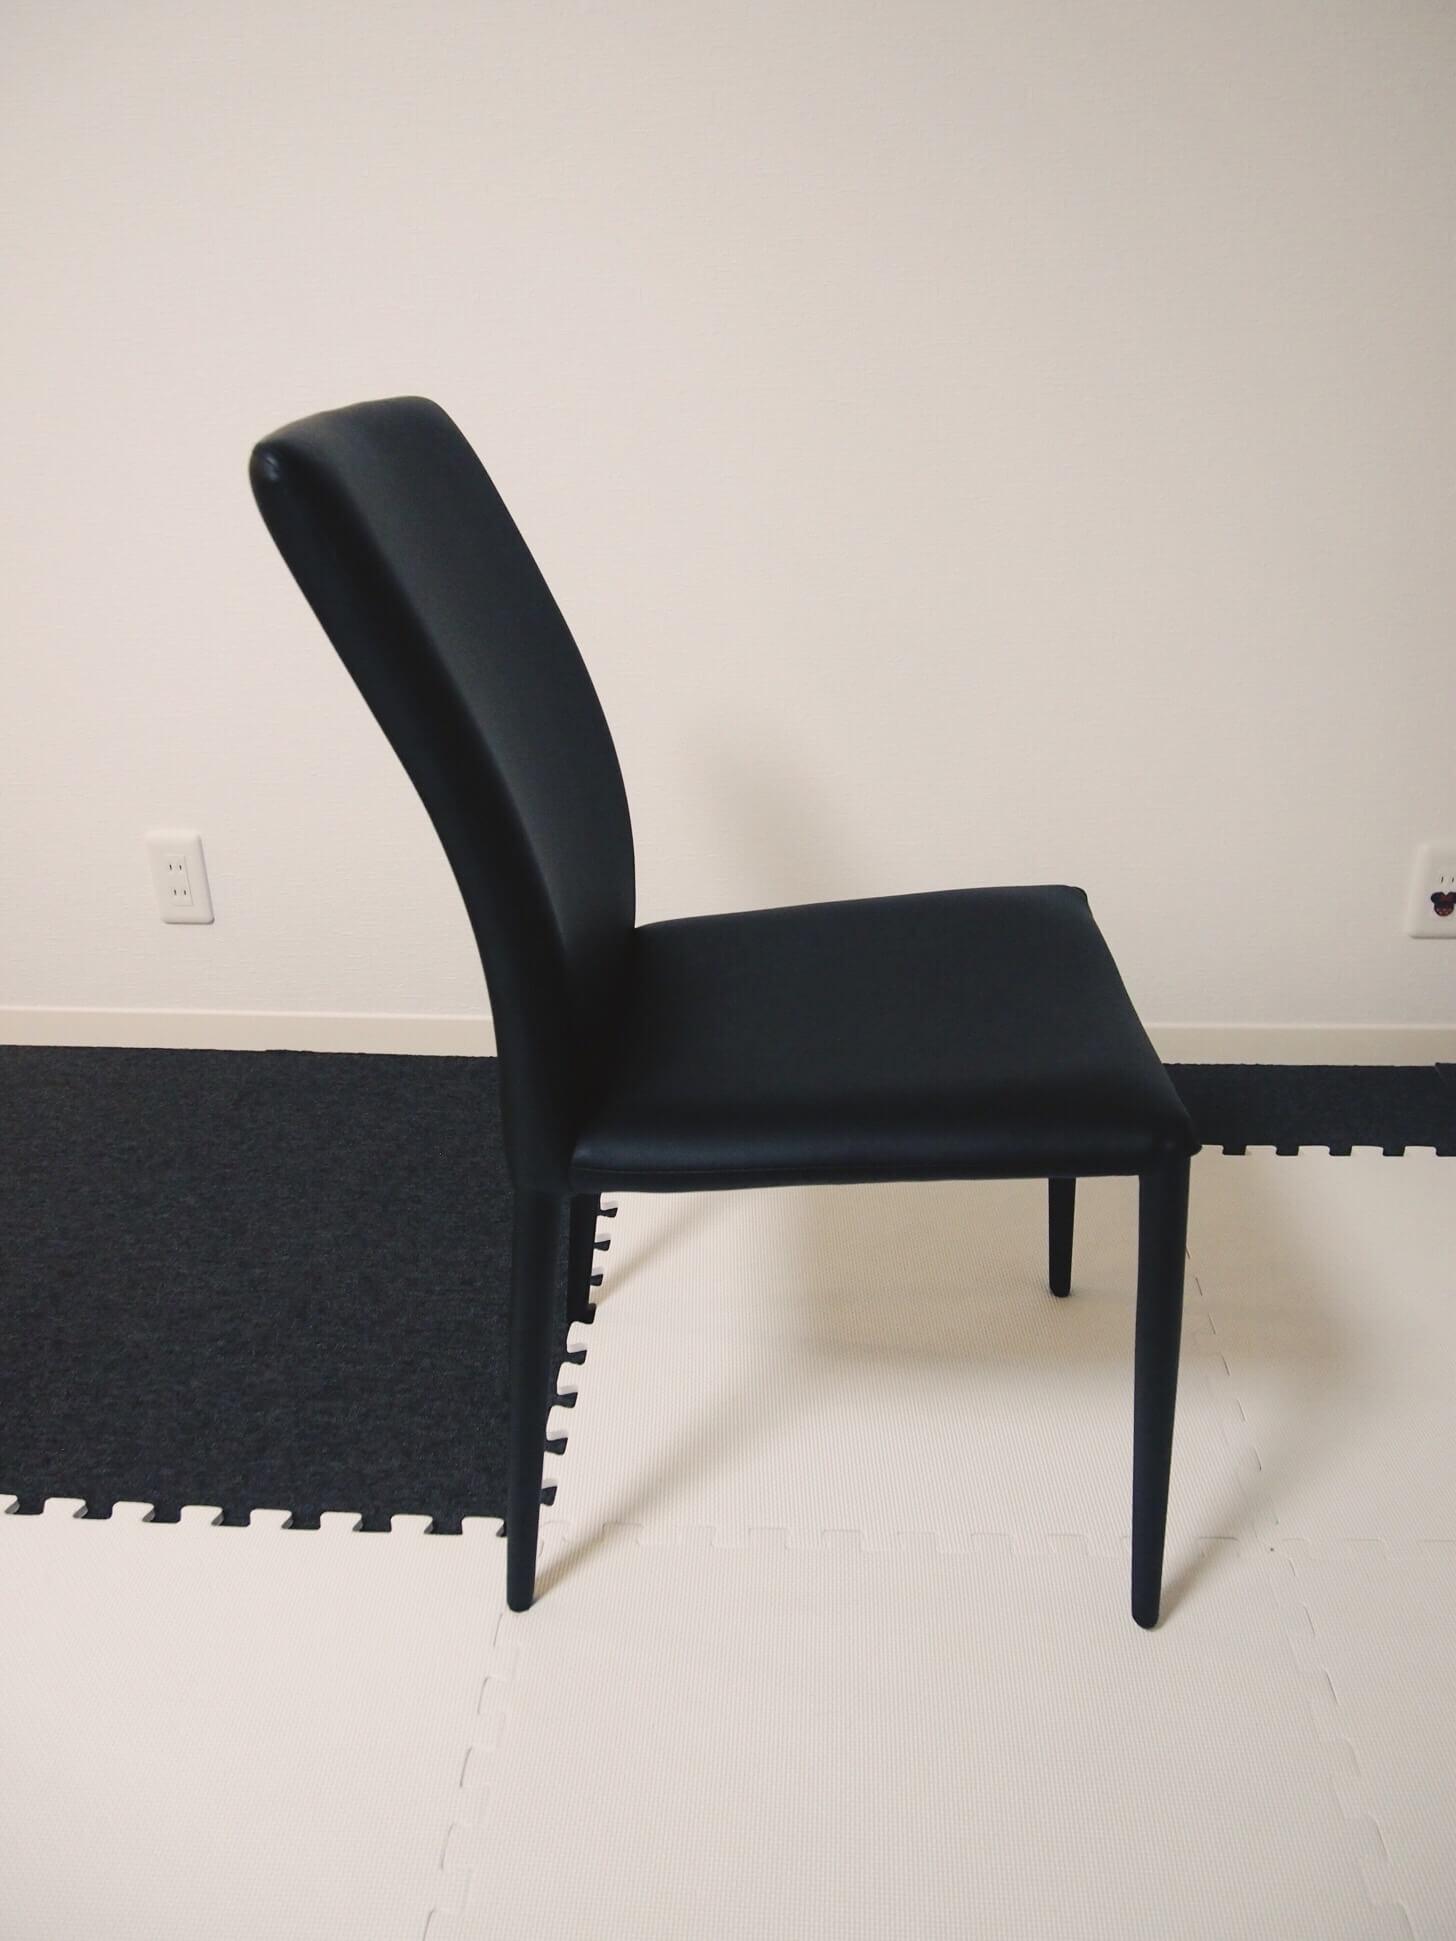 モーダエンカーサの椅子-2